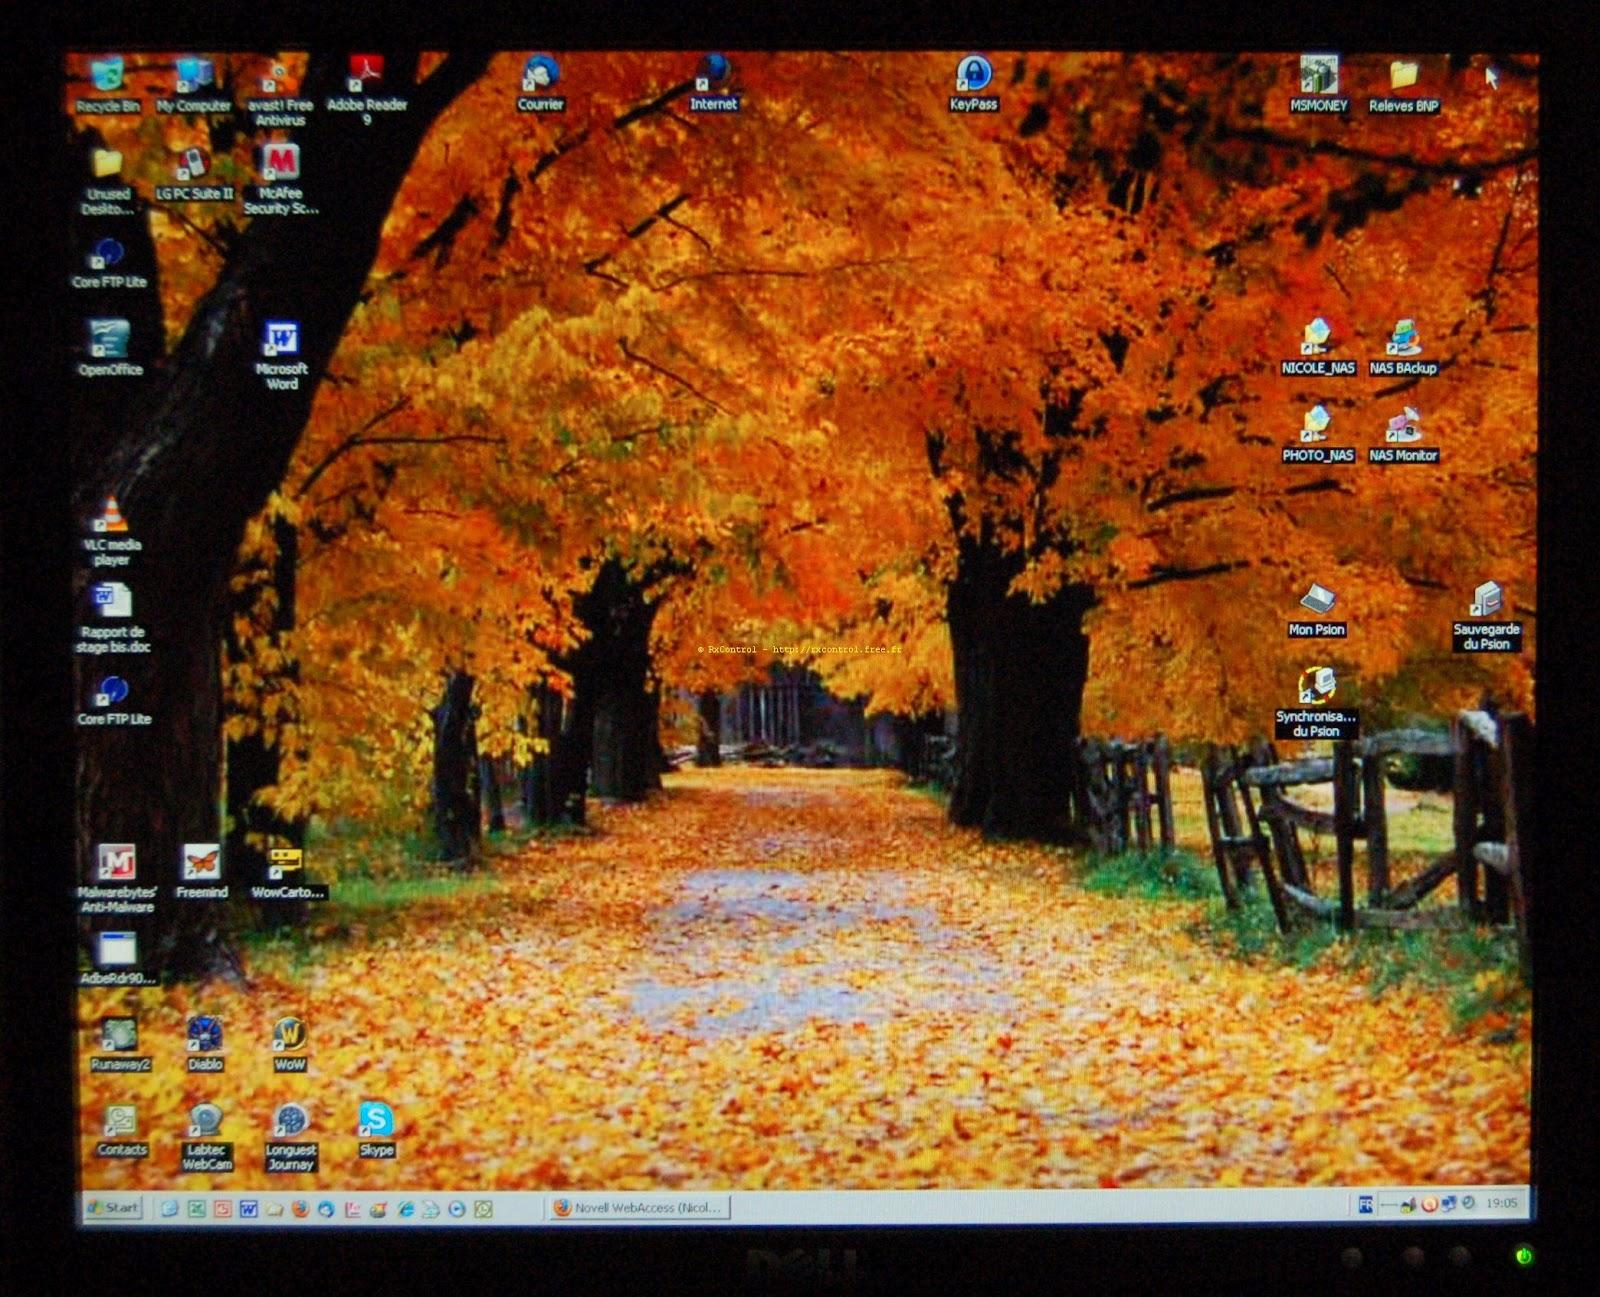 http://3.bp.blogspot.com/-M0RbP9nIpkY/TdLF64LK0-I/AAAAAAAAAtY/5DtCGiKhO8w/s1600/Finished.jpg